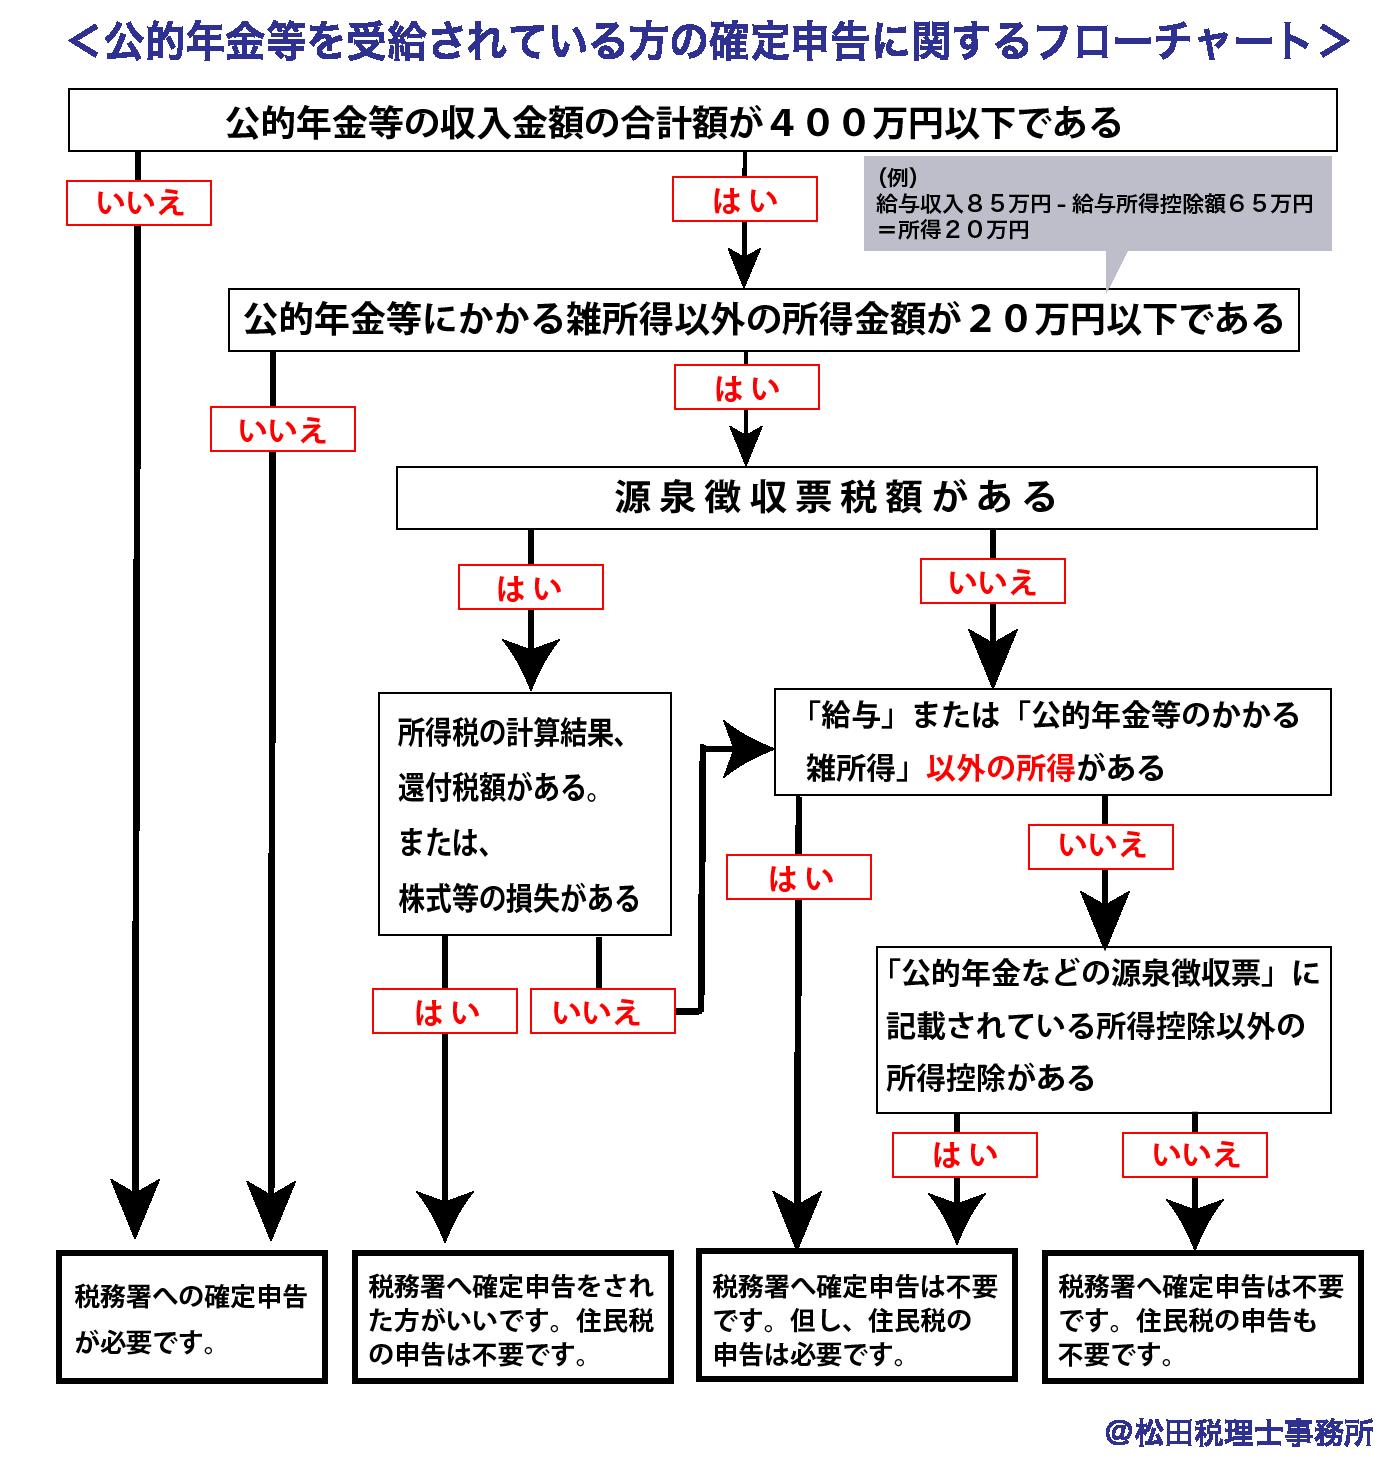 公的年金等を受給されている方の確定申告フローチャート-松田税理士事務所作成